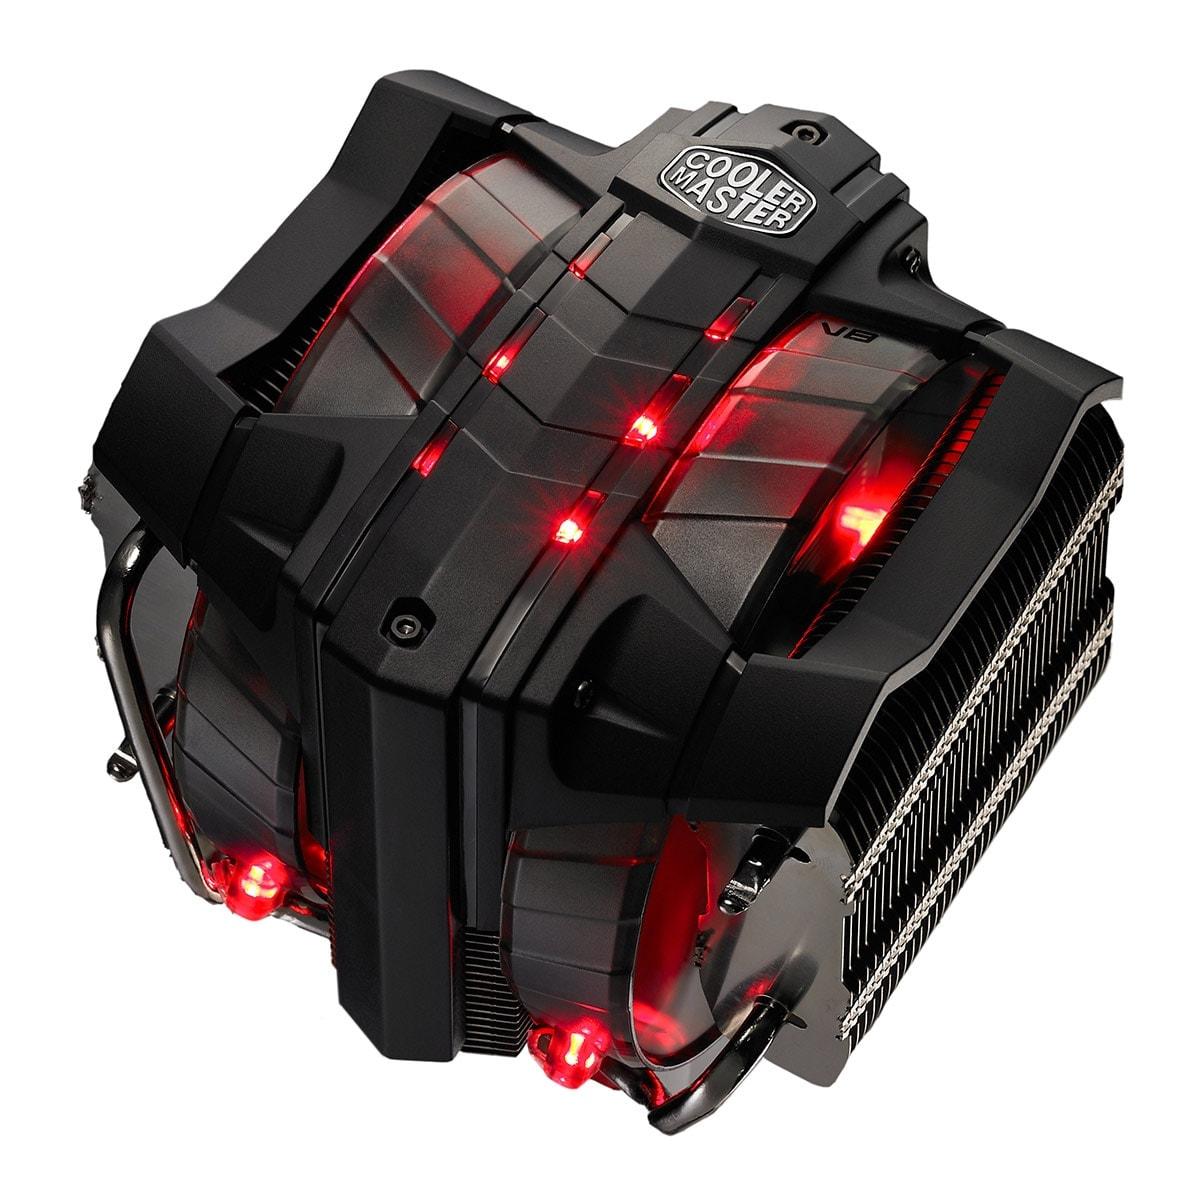 Cooler Master RR-V8VC-16PR-R2 - Ventilateur CPU Cooler Master - 1